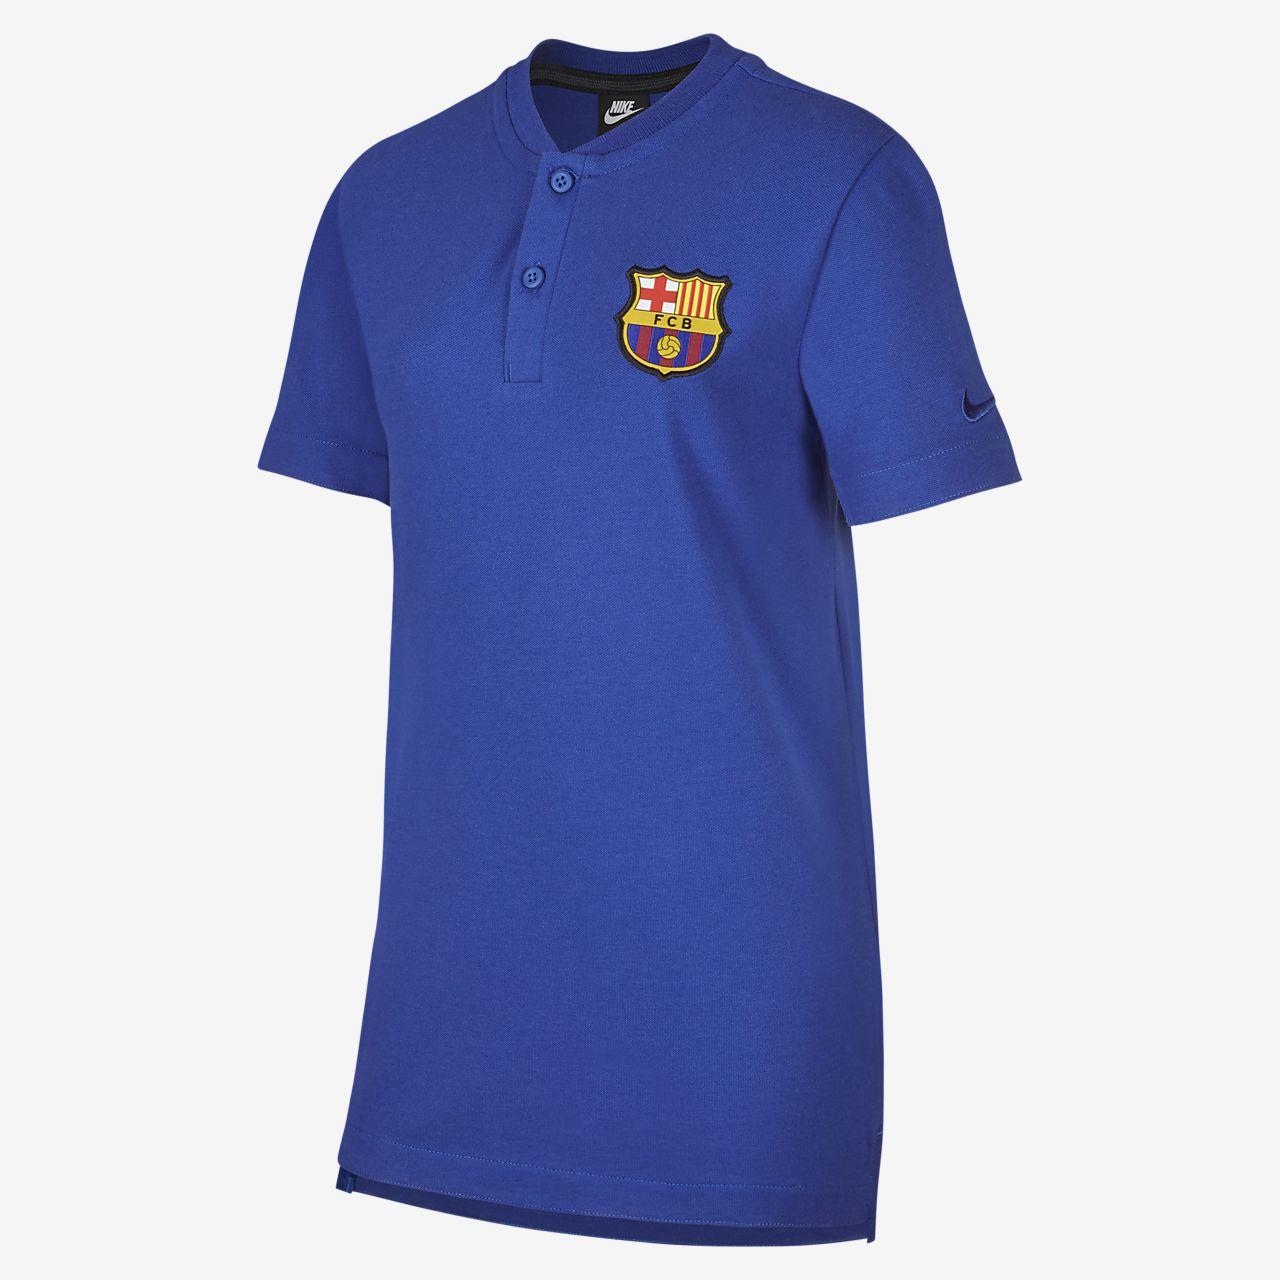 Ποδοσφαιρική μπλούζα πόλο FC Barcelona για μεγάλα παιδιά